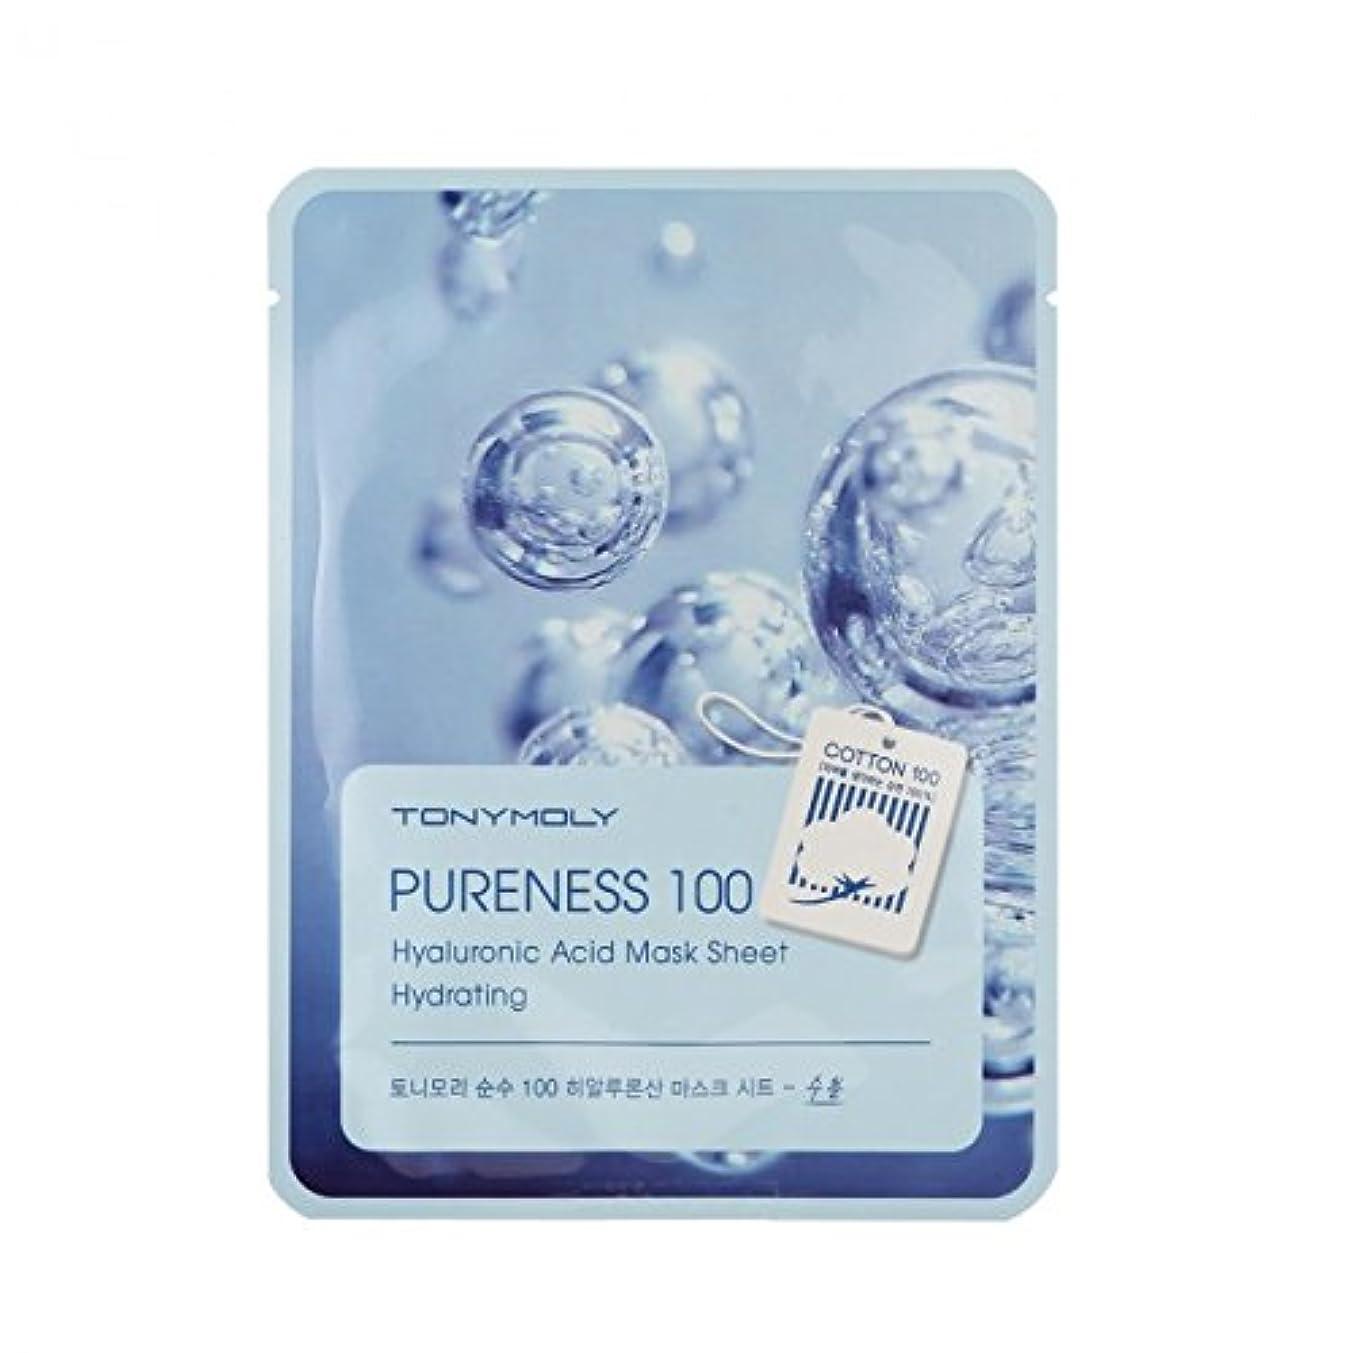 ハードリング黒くする酔っ払い(3 Pack) TONYMOLY Pureness 100 Hyaluronic Acid Mask Sheet Hydrating (並行輸入品)